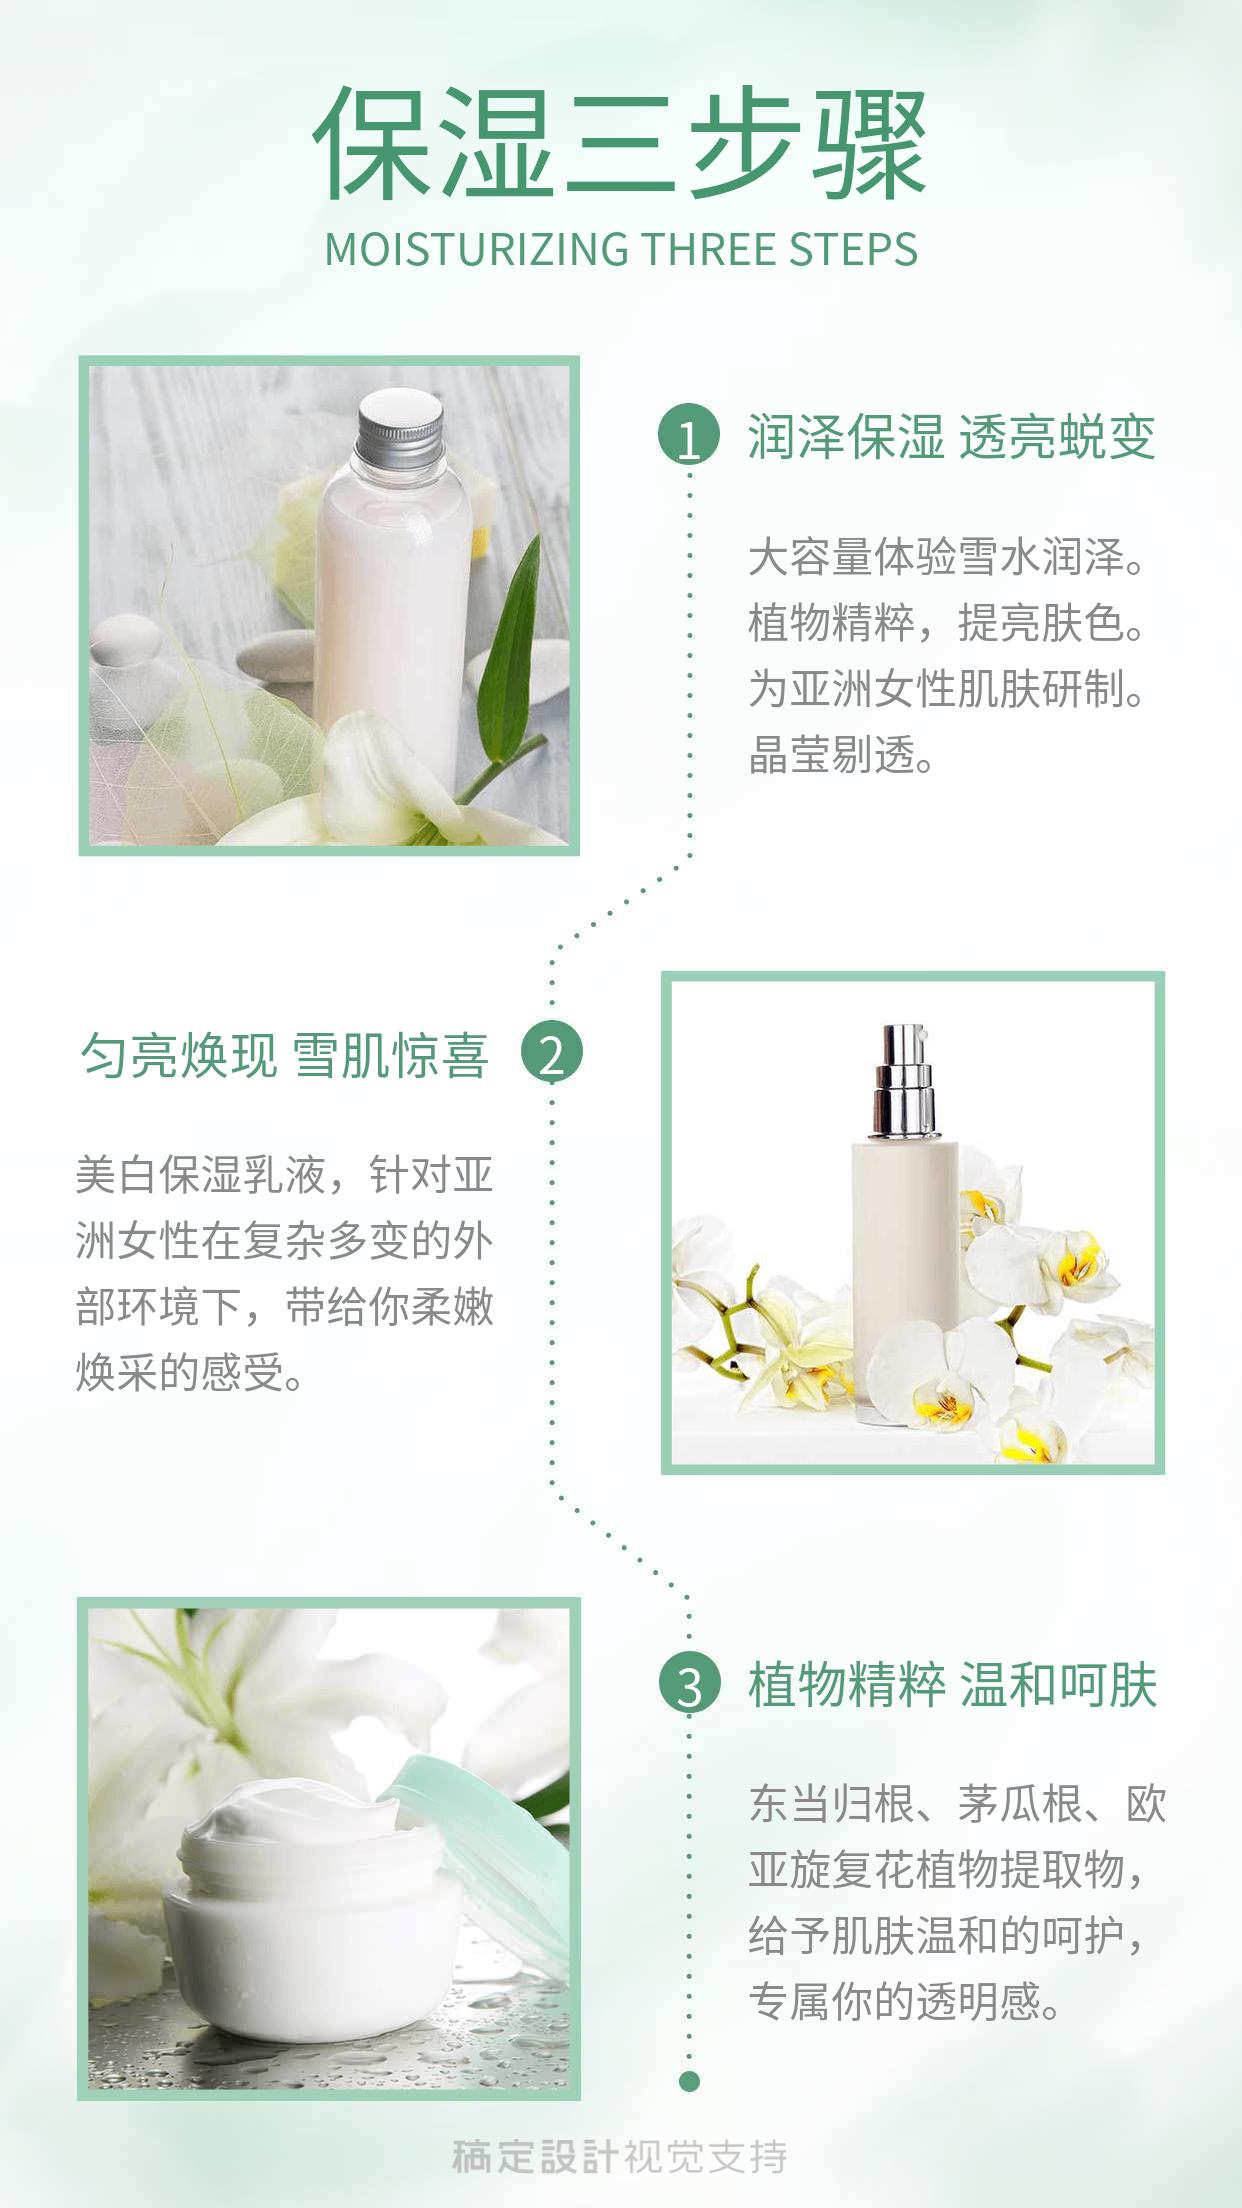 护肤产品保湿三步骤介绍